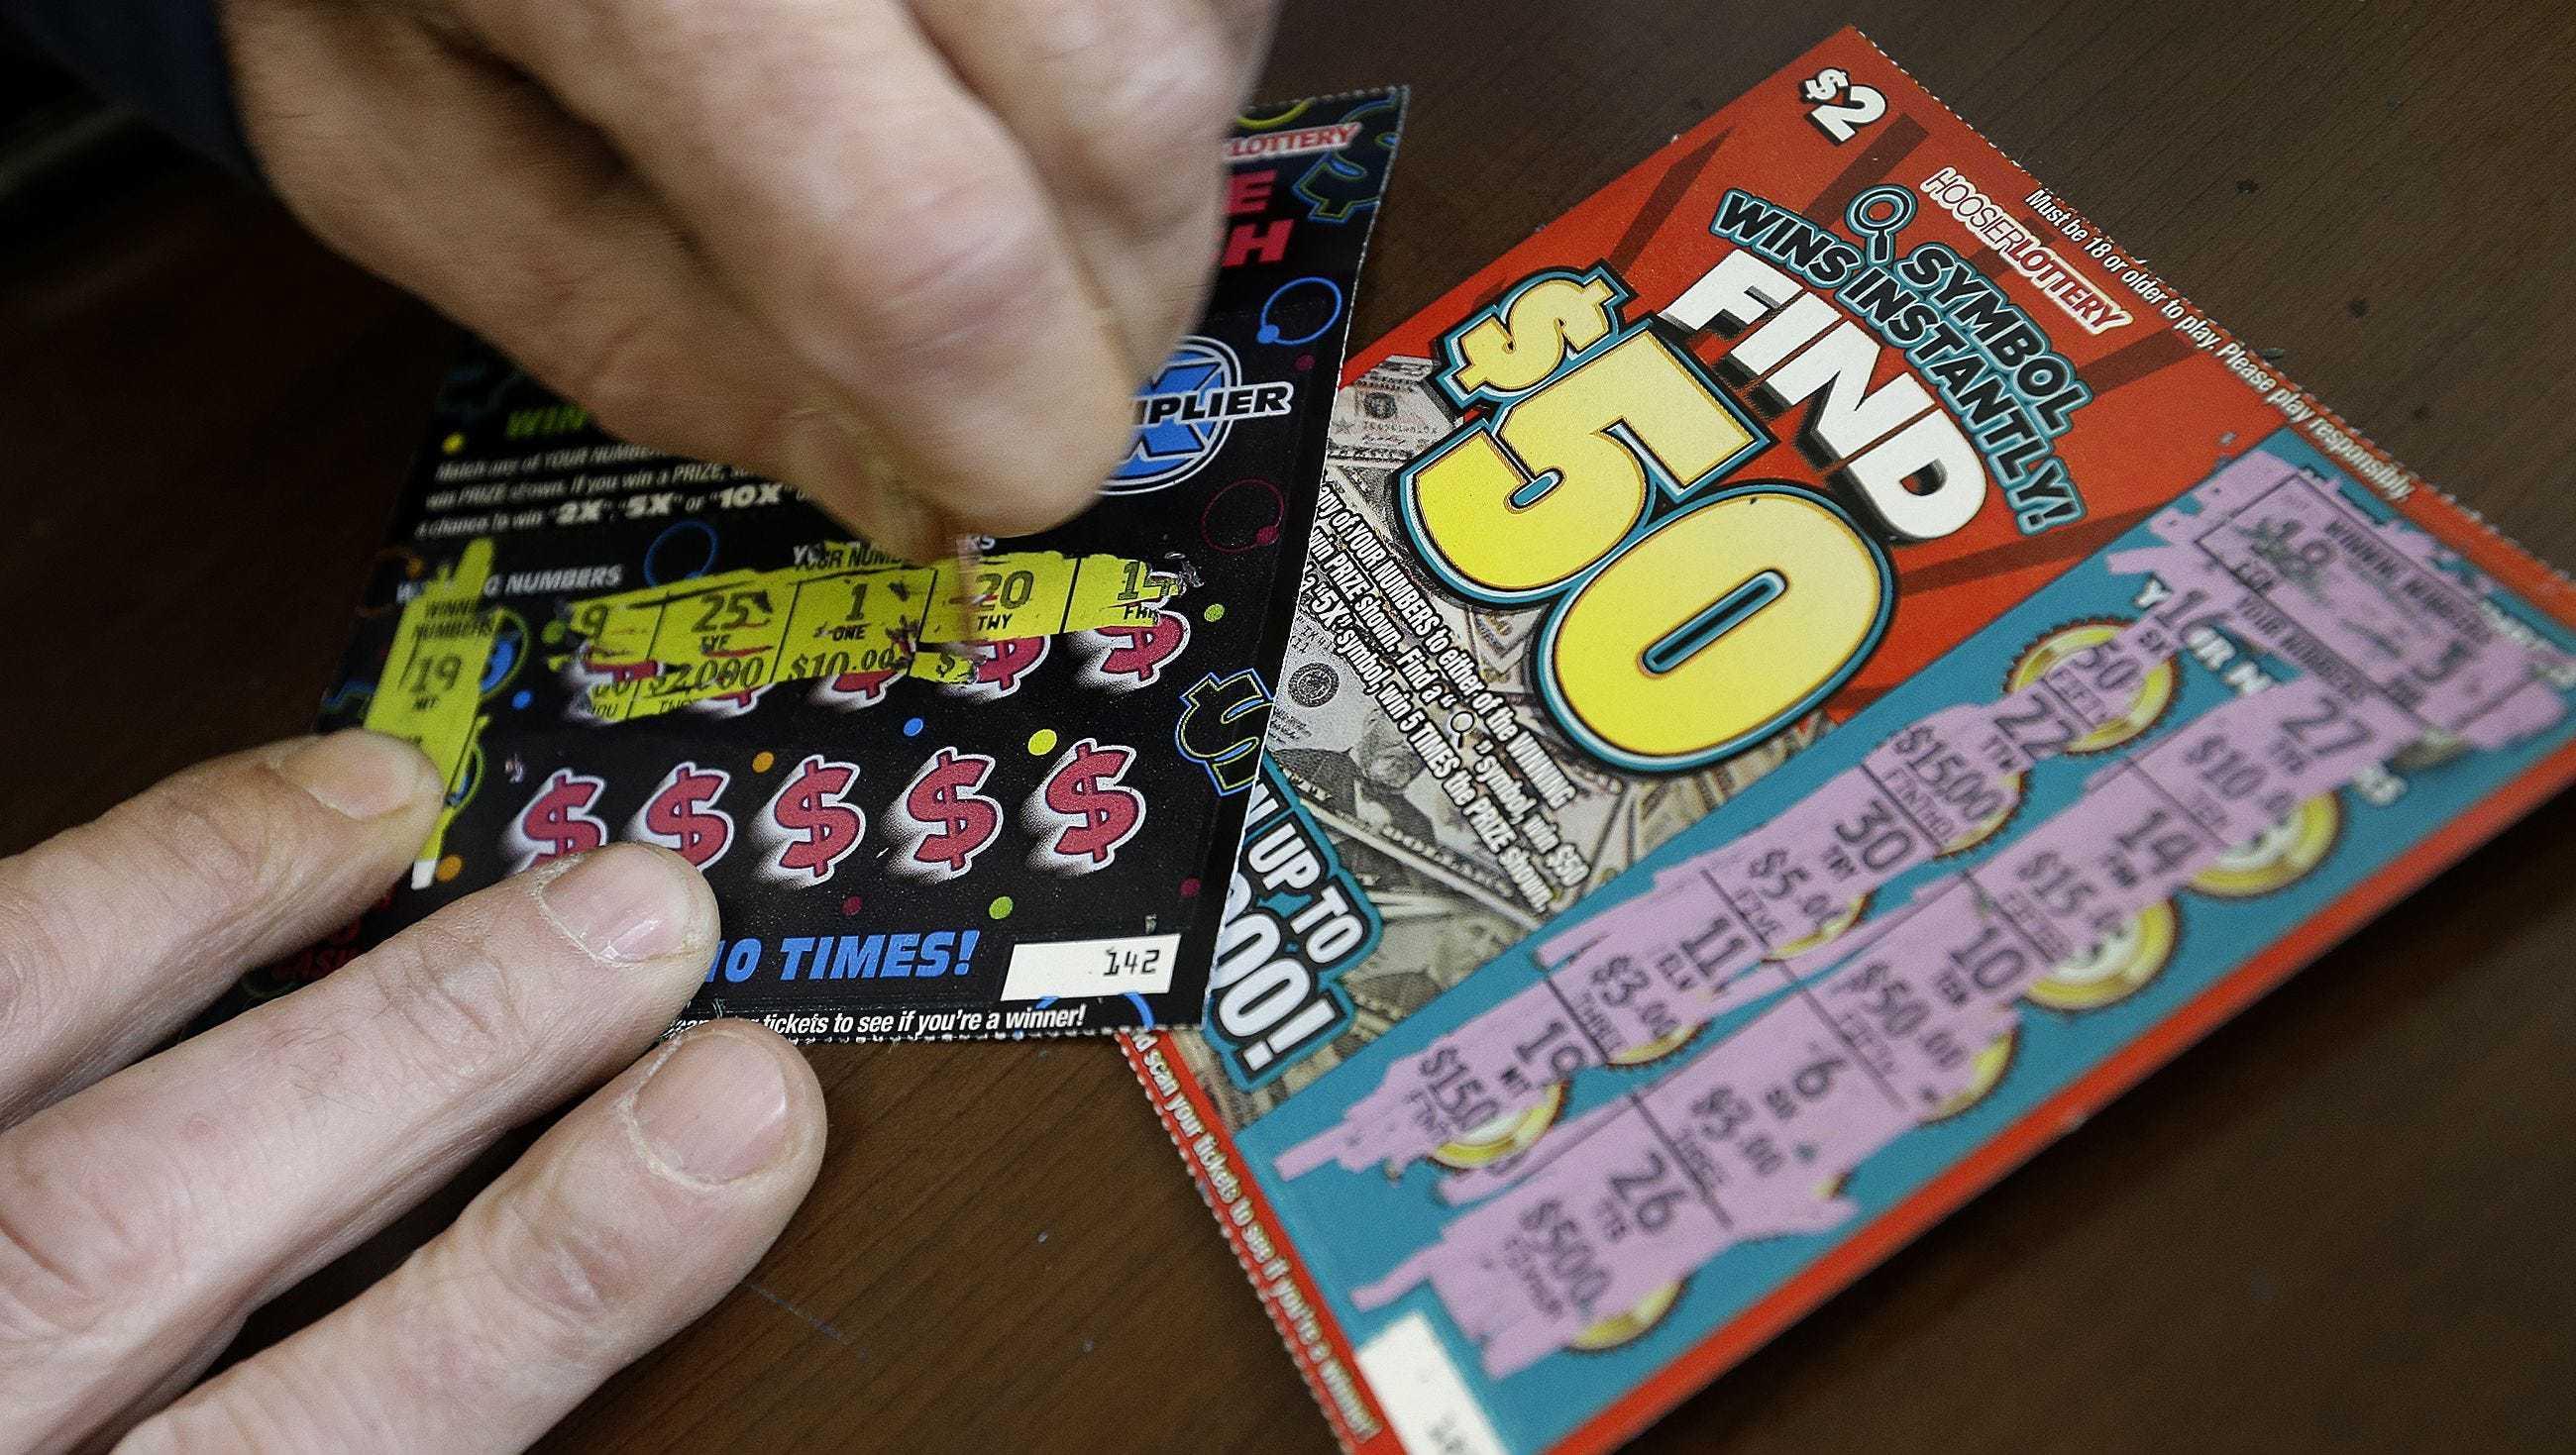 Lotteri jackpot optegnelser